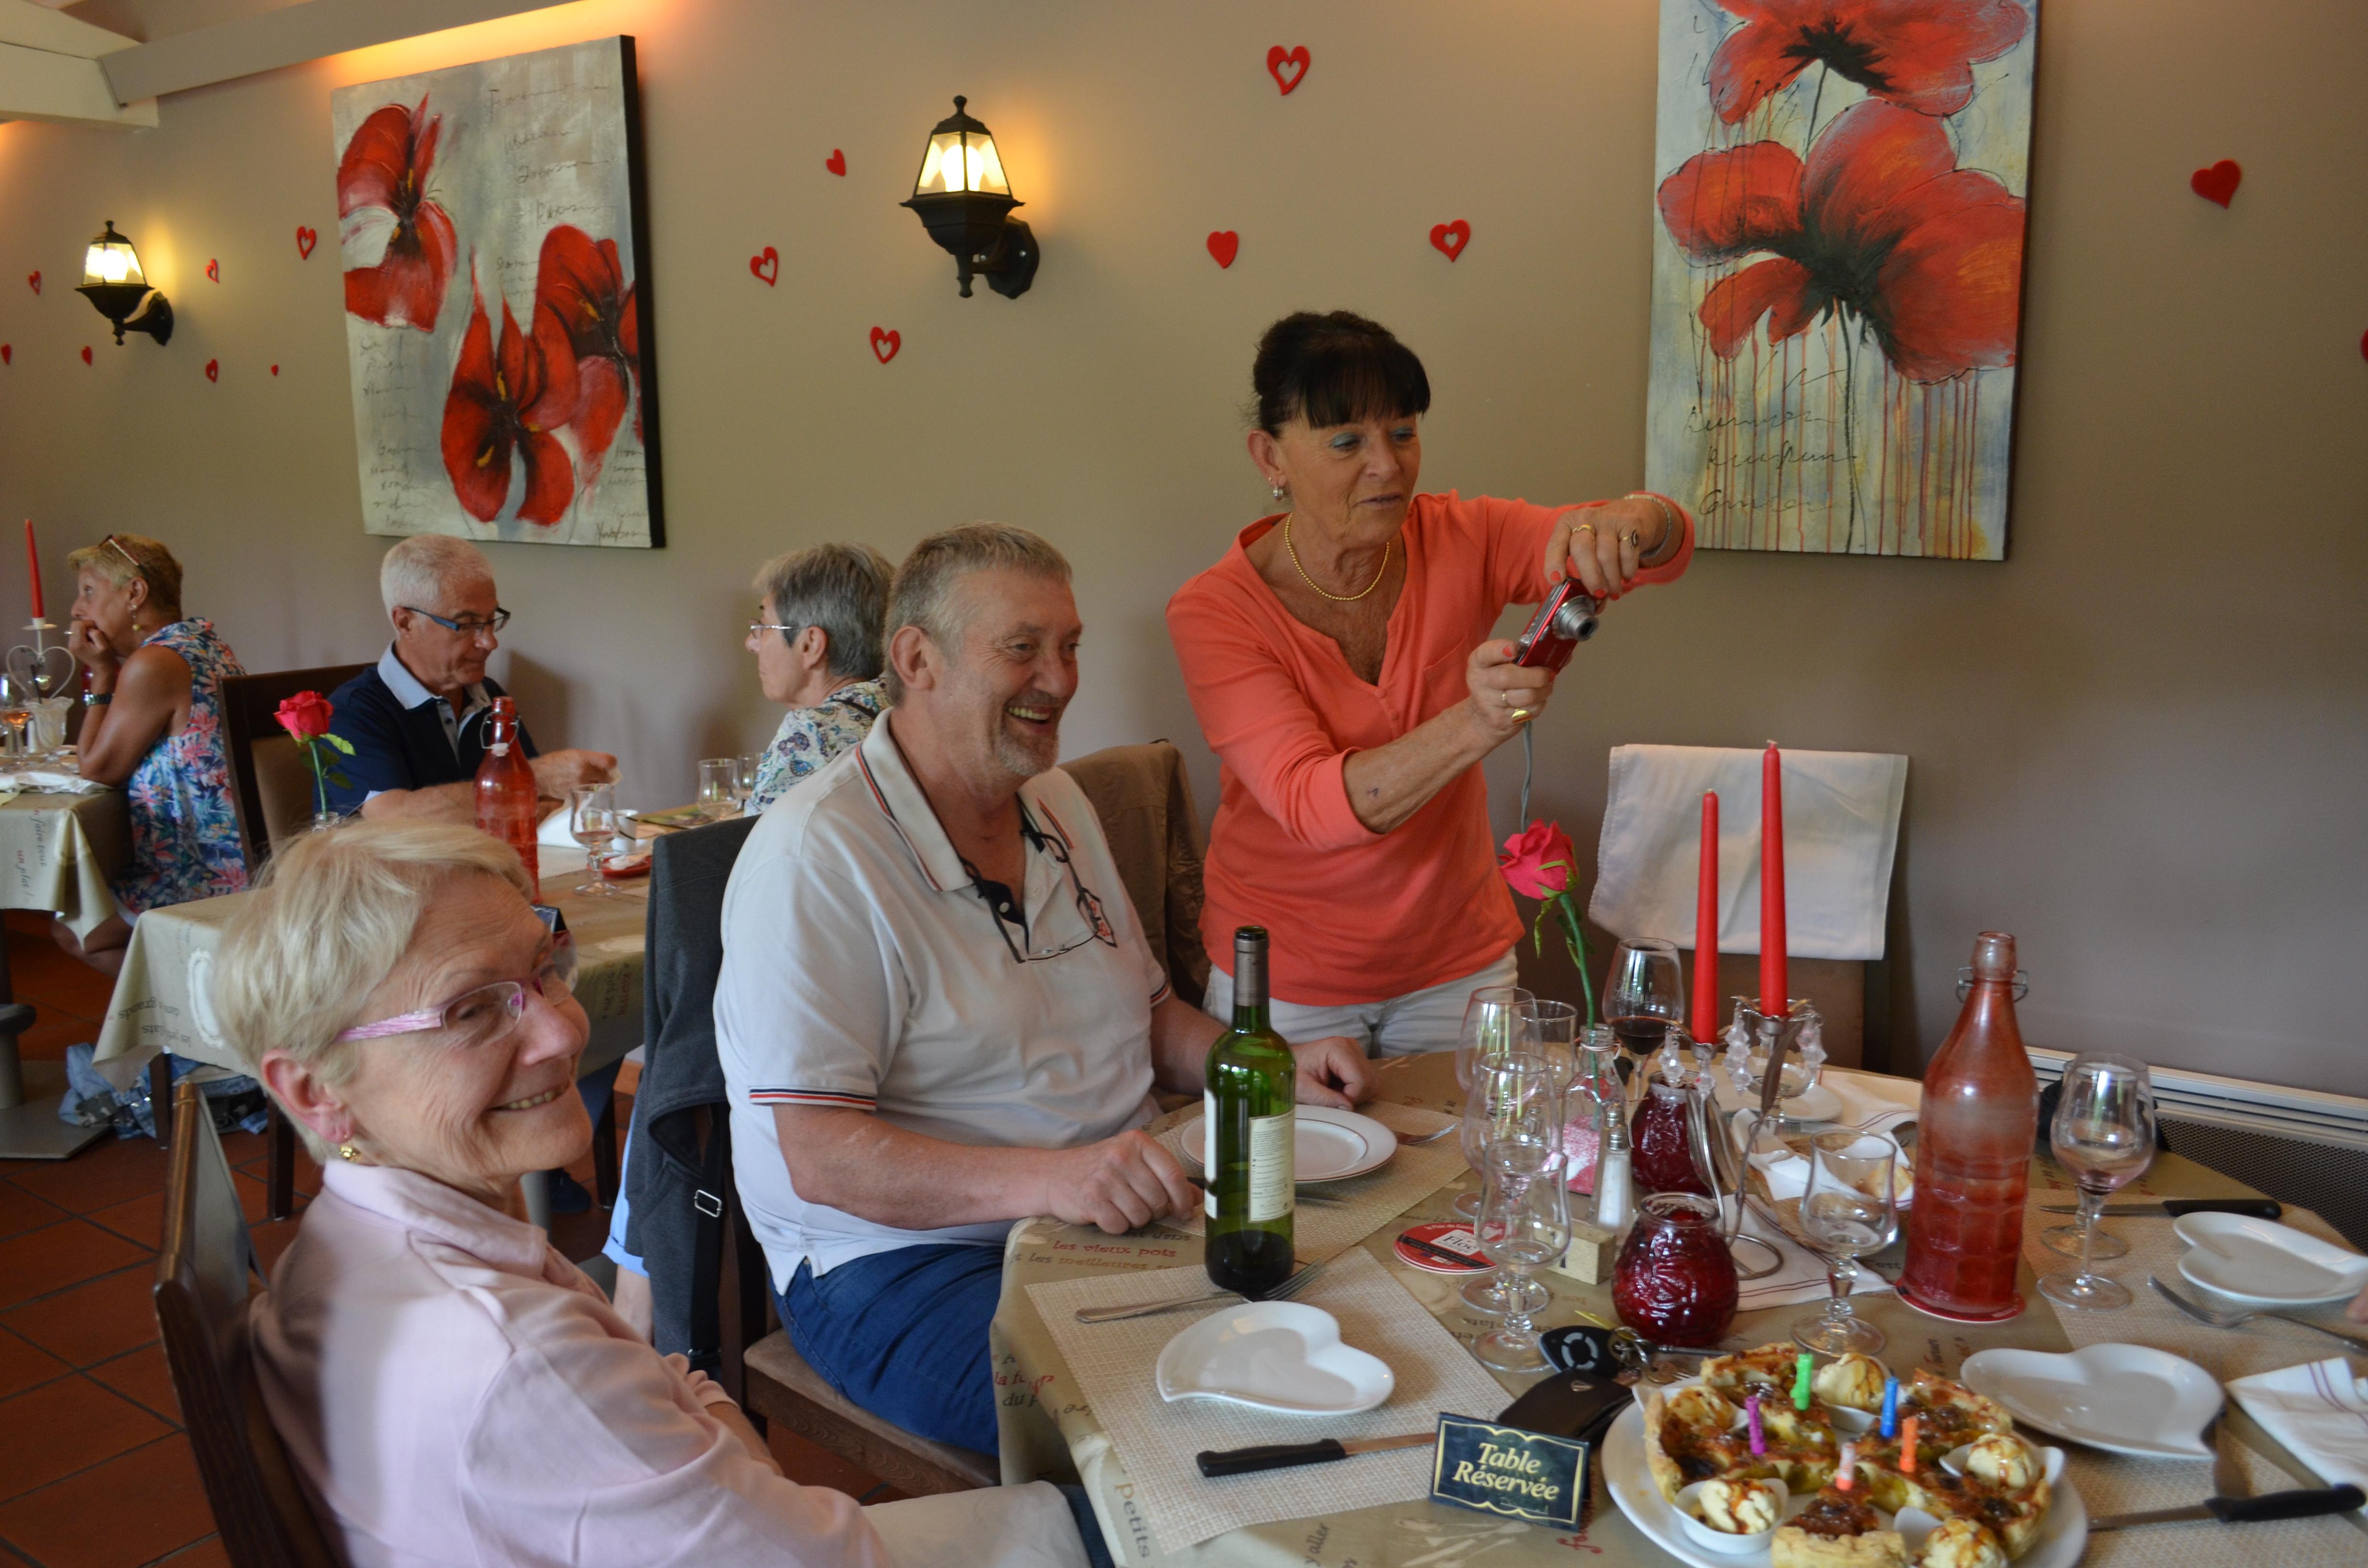 un midi en semaine Restaurant Au Moulin du Pouy Eauze